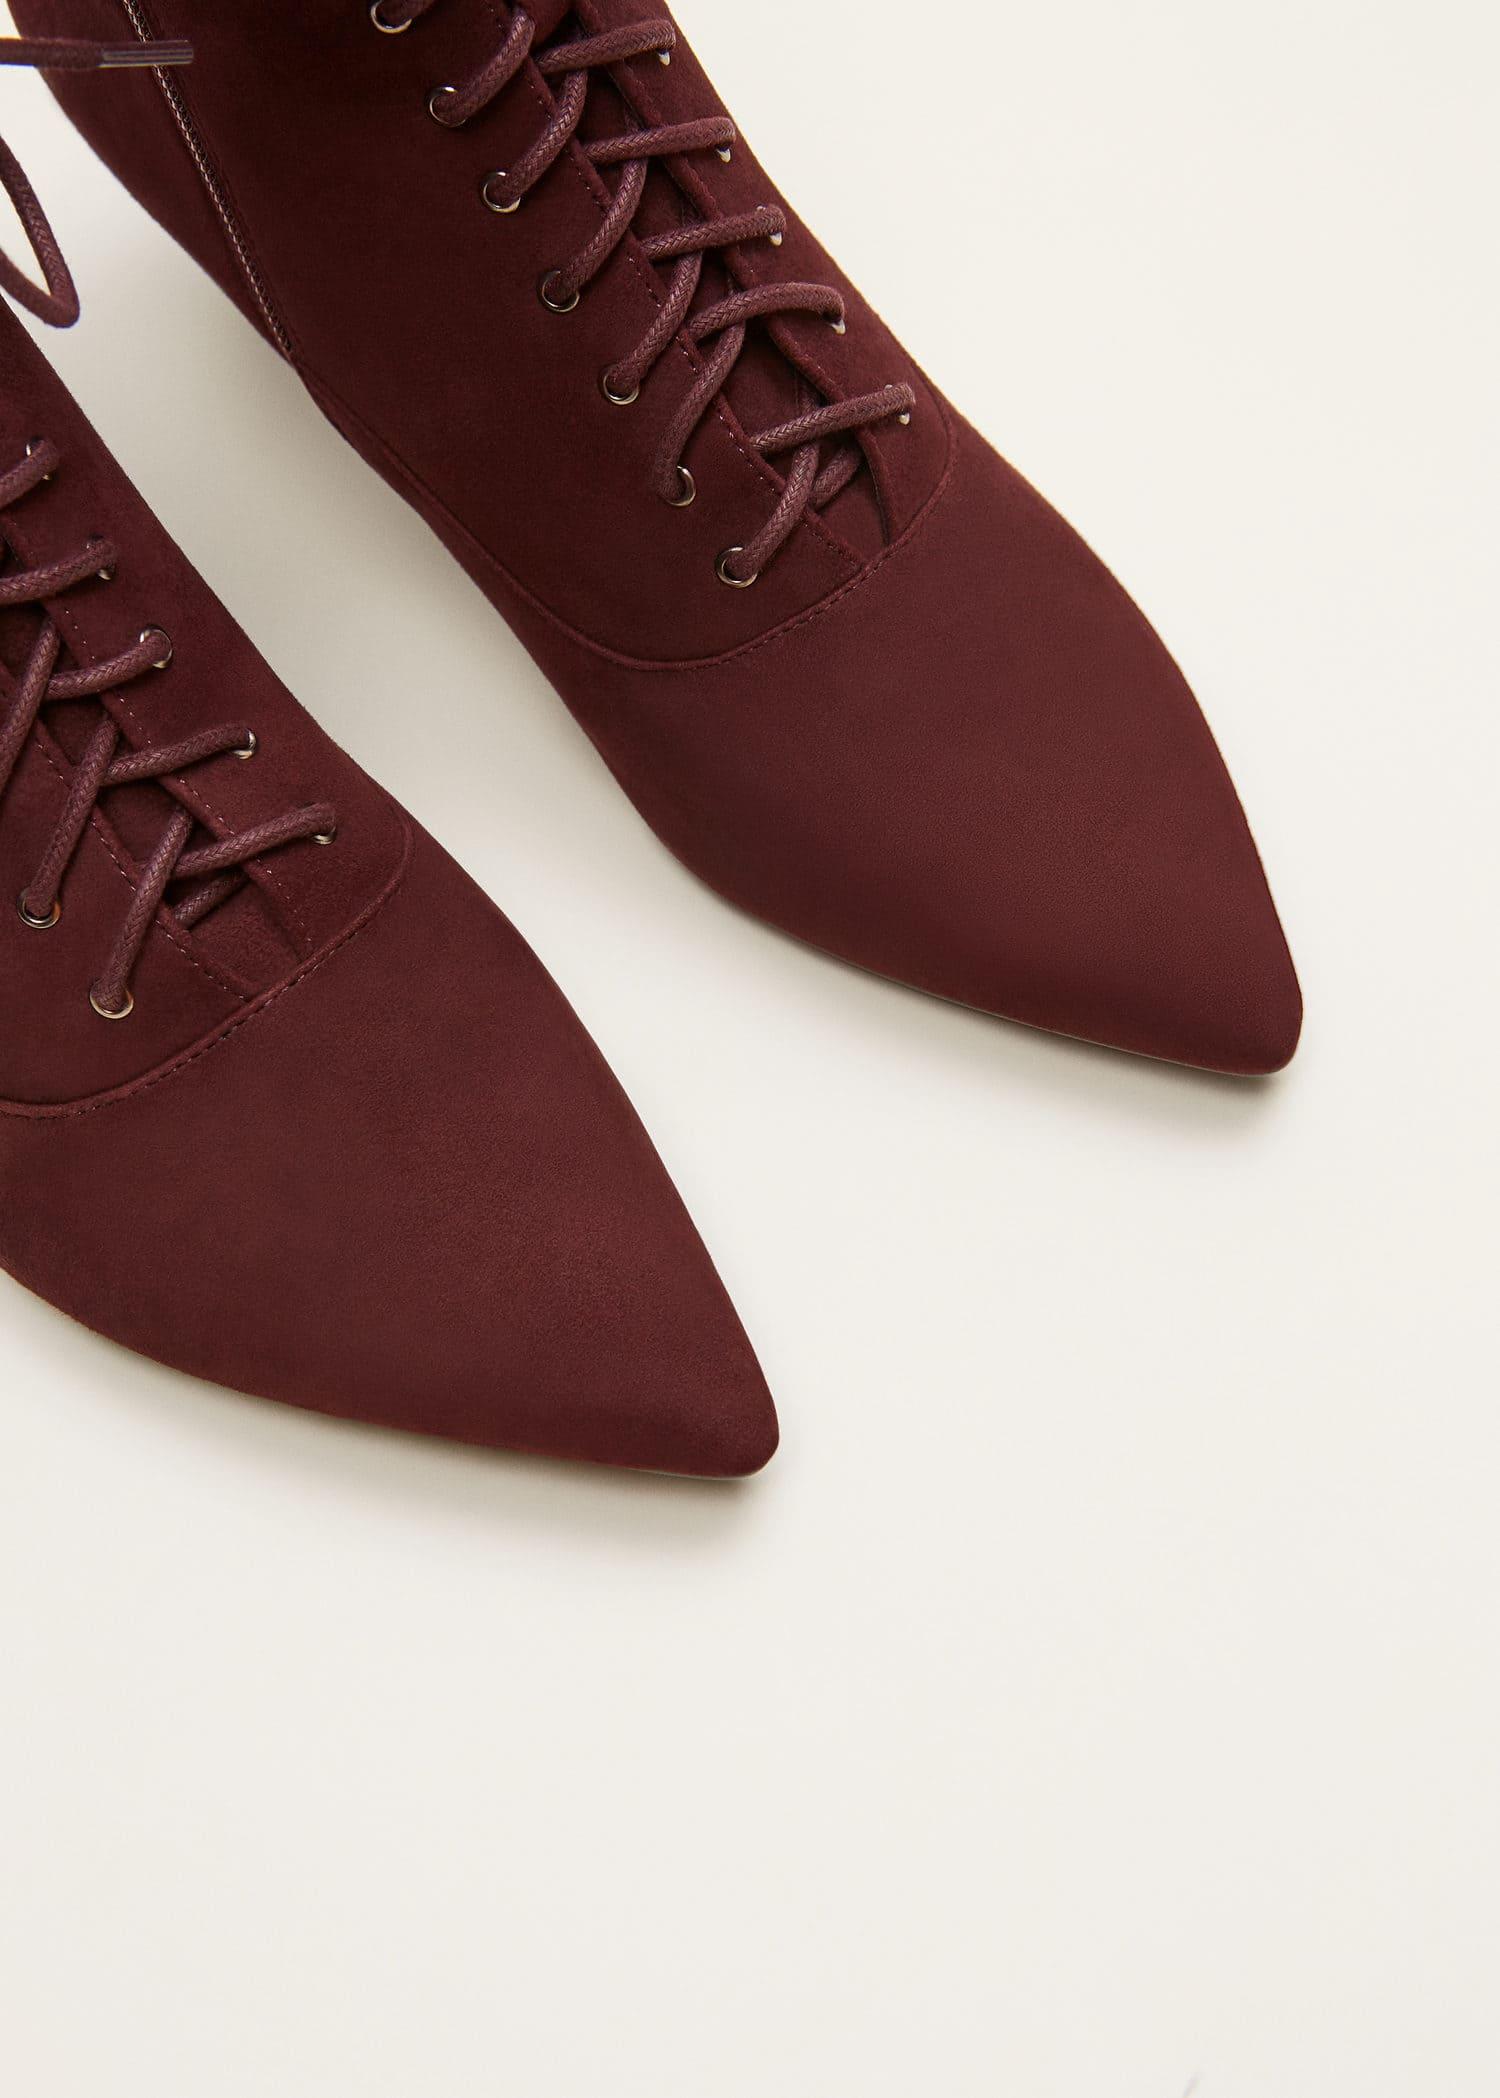 Stivali pelle lacci Taglie grandi | Violeta by Mango Italia